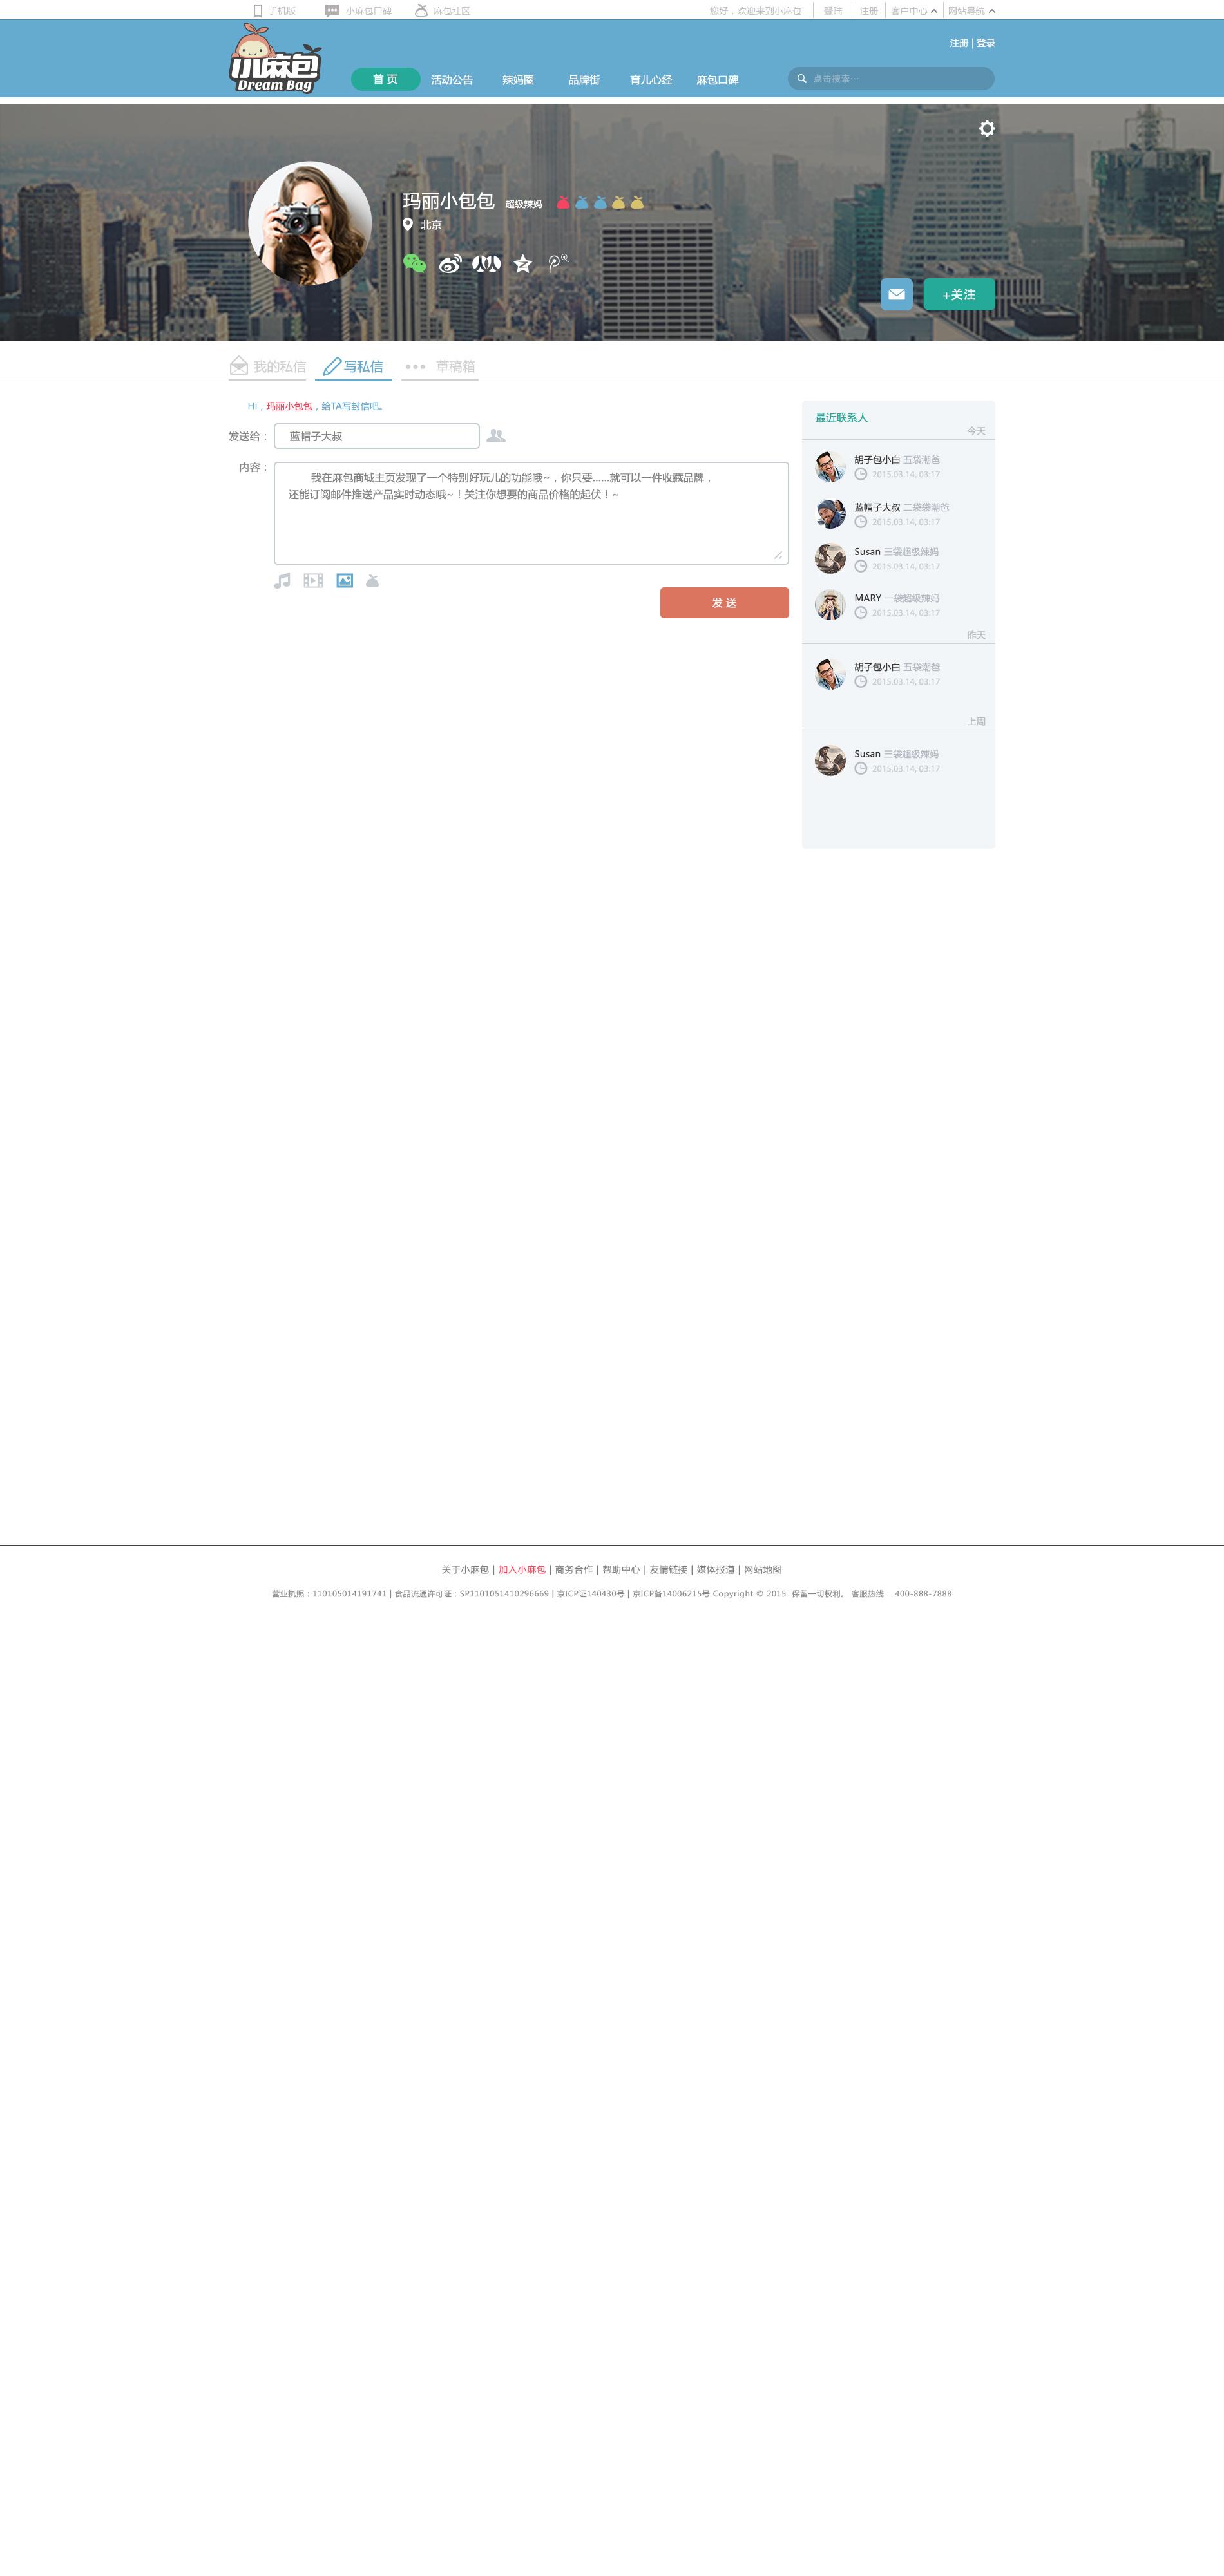 {威尼斯国际娱乐平台_威尼斯星空舟山510k国际娱乐平台}【线上娱乐~官方指定入口】{威尼斯国际娱乐平台_威尼斯国际娱乐平台}【线上娱乐~官方指定入口】